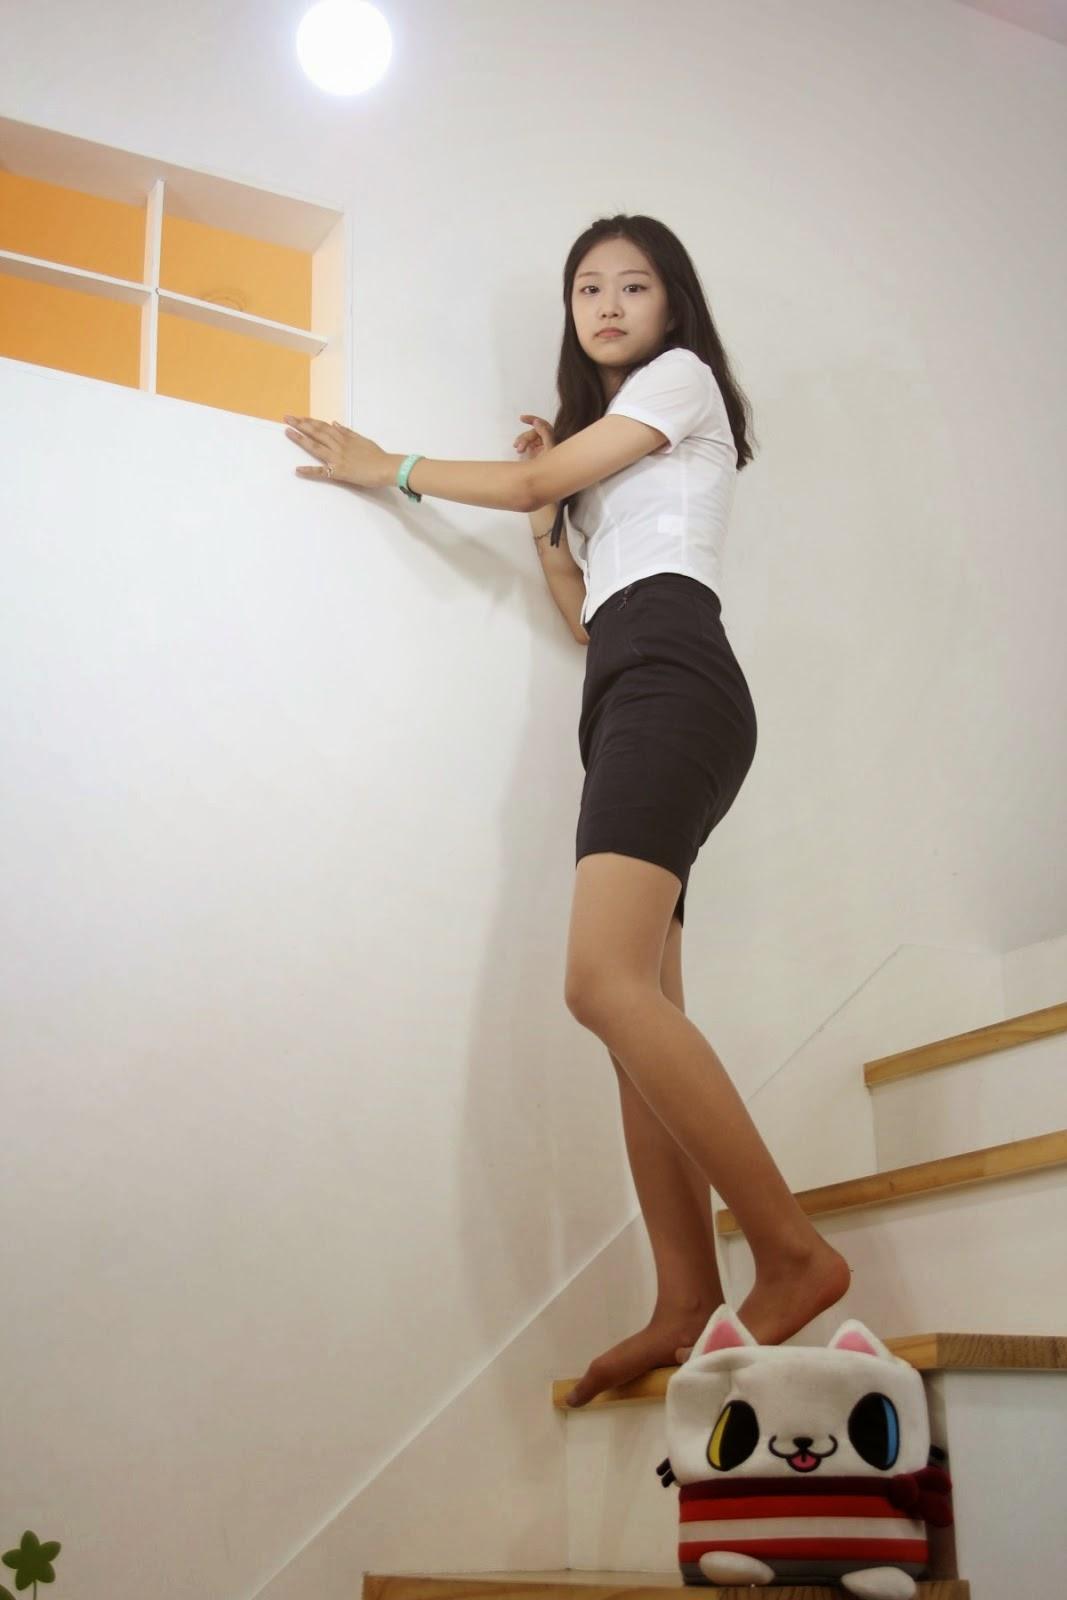 娼婦チックな韓国の制服JK、期待を裏切らないセクスィーさwwwwwwww(画像27枚)・22枚目